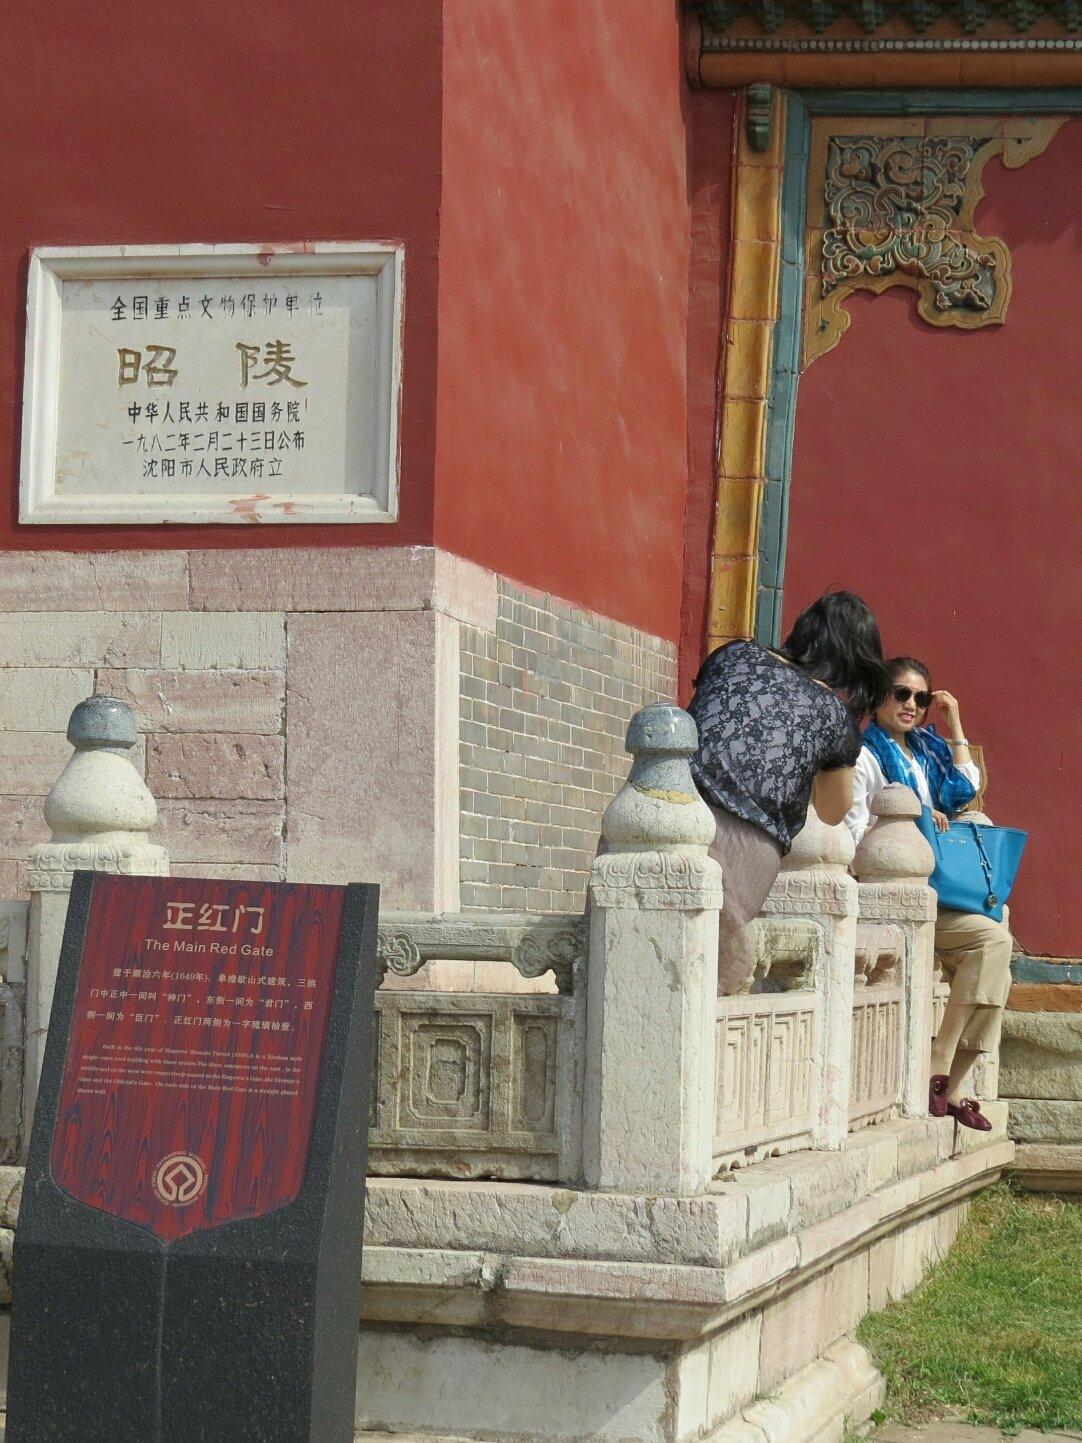 辽宁省沈阳市铁西区德工街靠近中国农业银行(沈阳卫工支行)天气预报